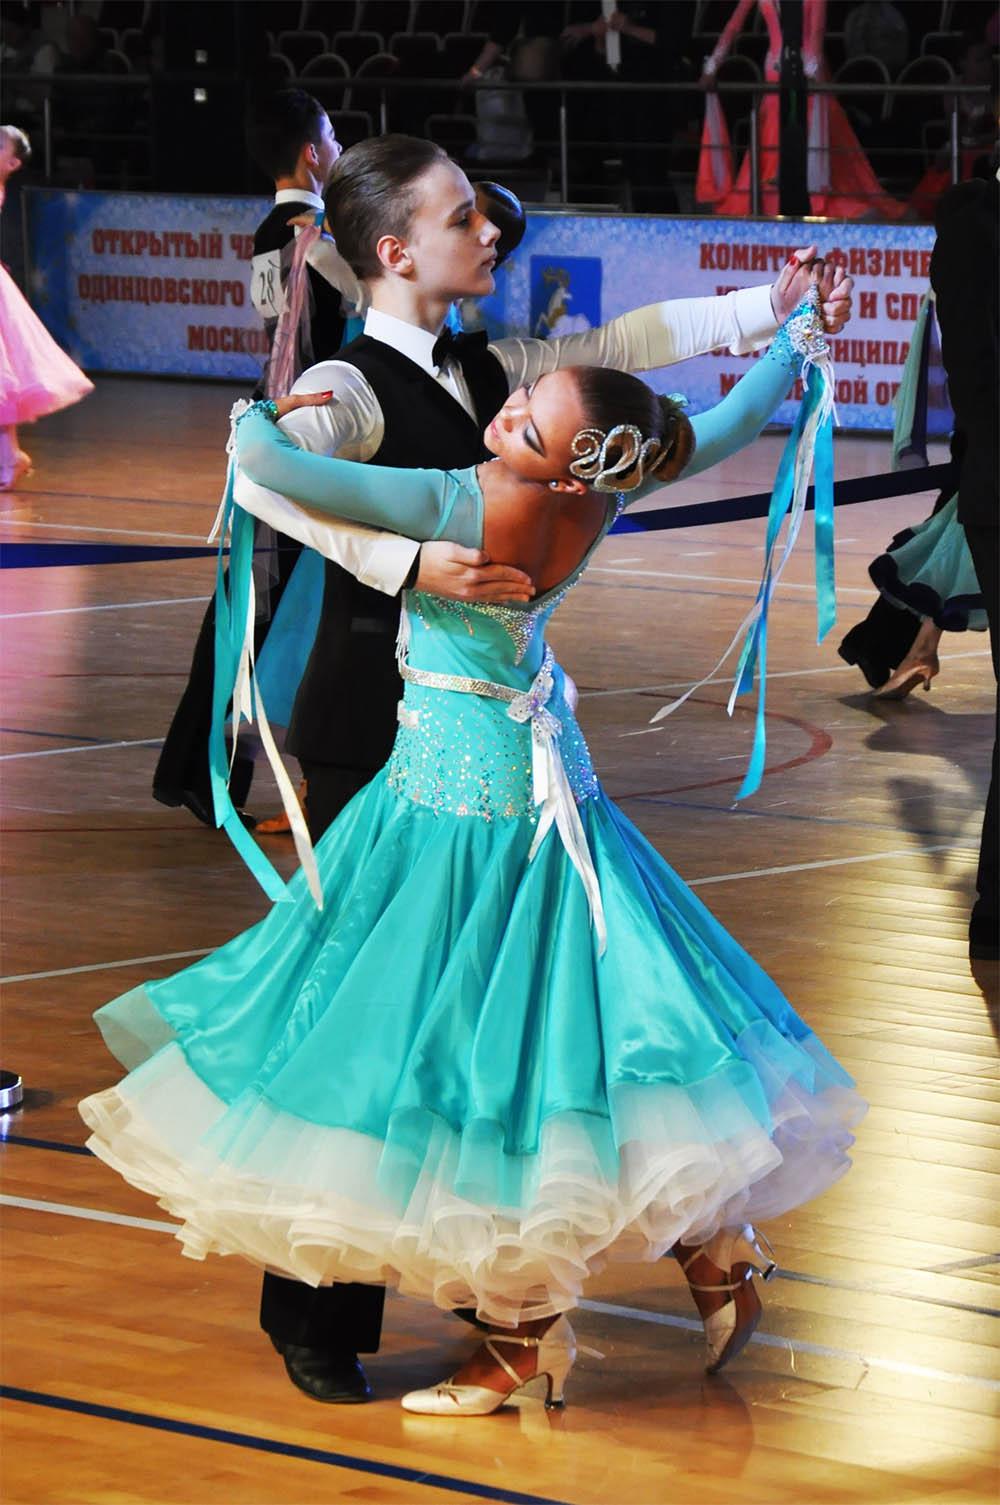 Такое бальное платье со стразами и полужемчугом для категории «Юниоры-2» продается во Вконтакте за 25 000 р.. Источник: группа «Одежда для бальных танцев»